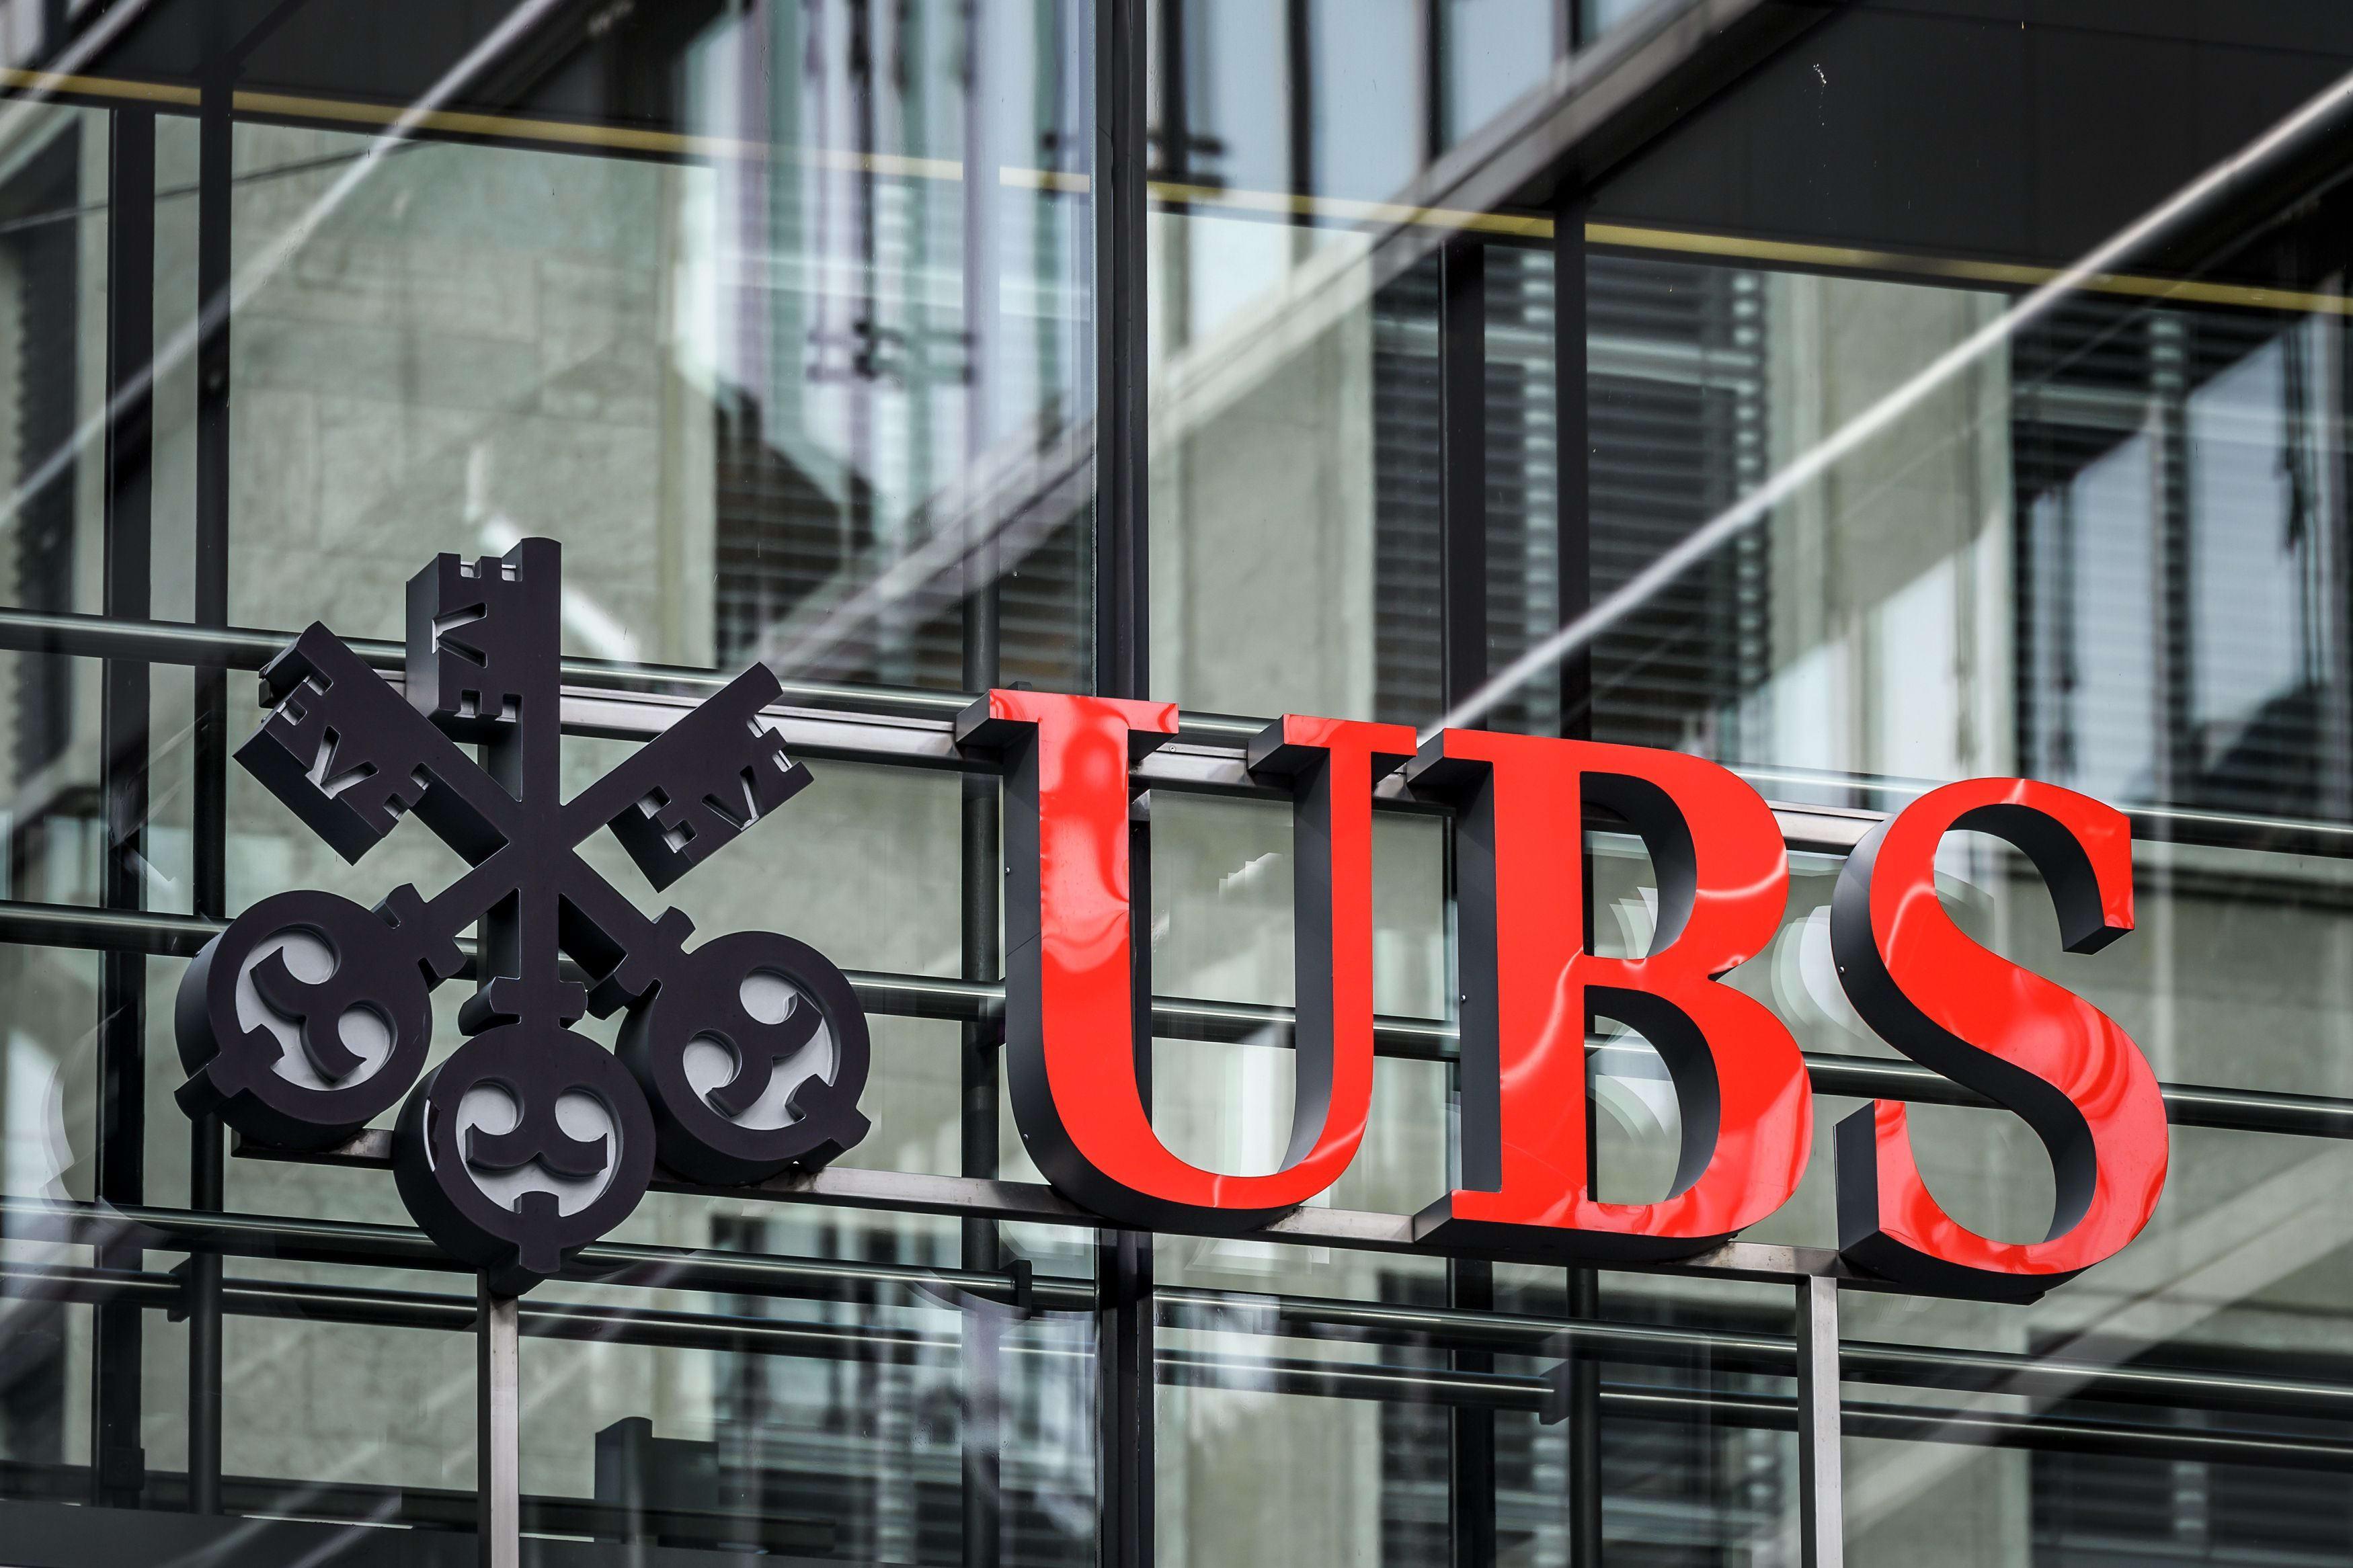 UBS hạ dự báo triển vọng thị trường hàng hóa xuống trung lập, vẫn khuyến nghị nắm giữ Dầu và Vàng